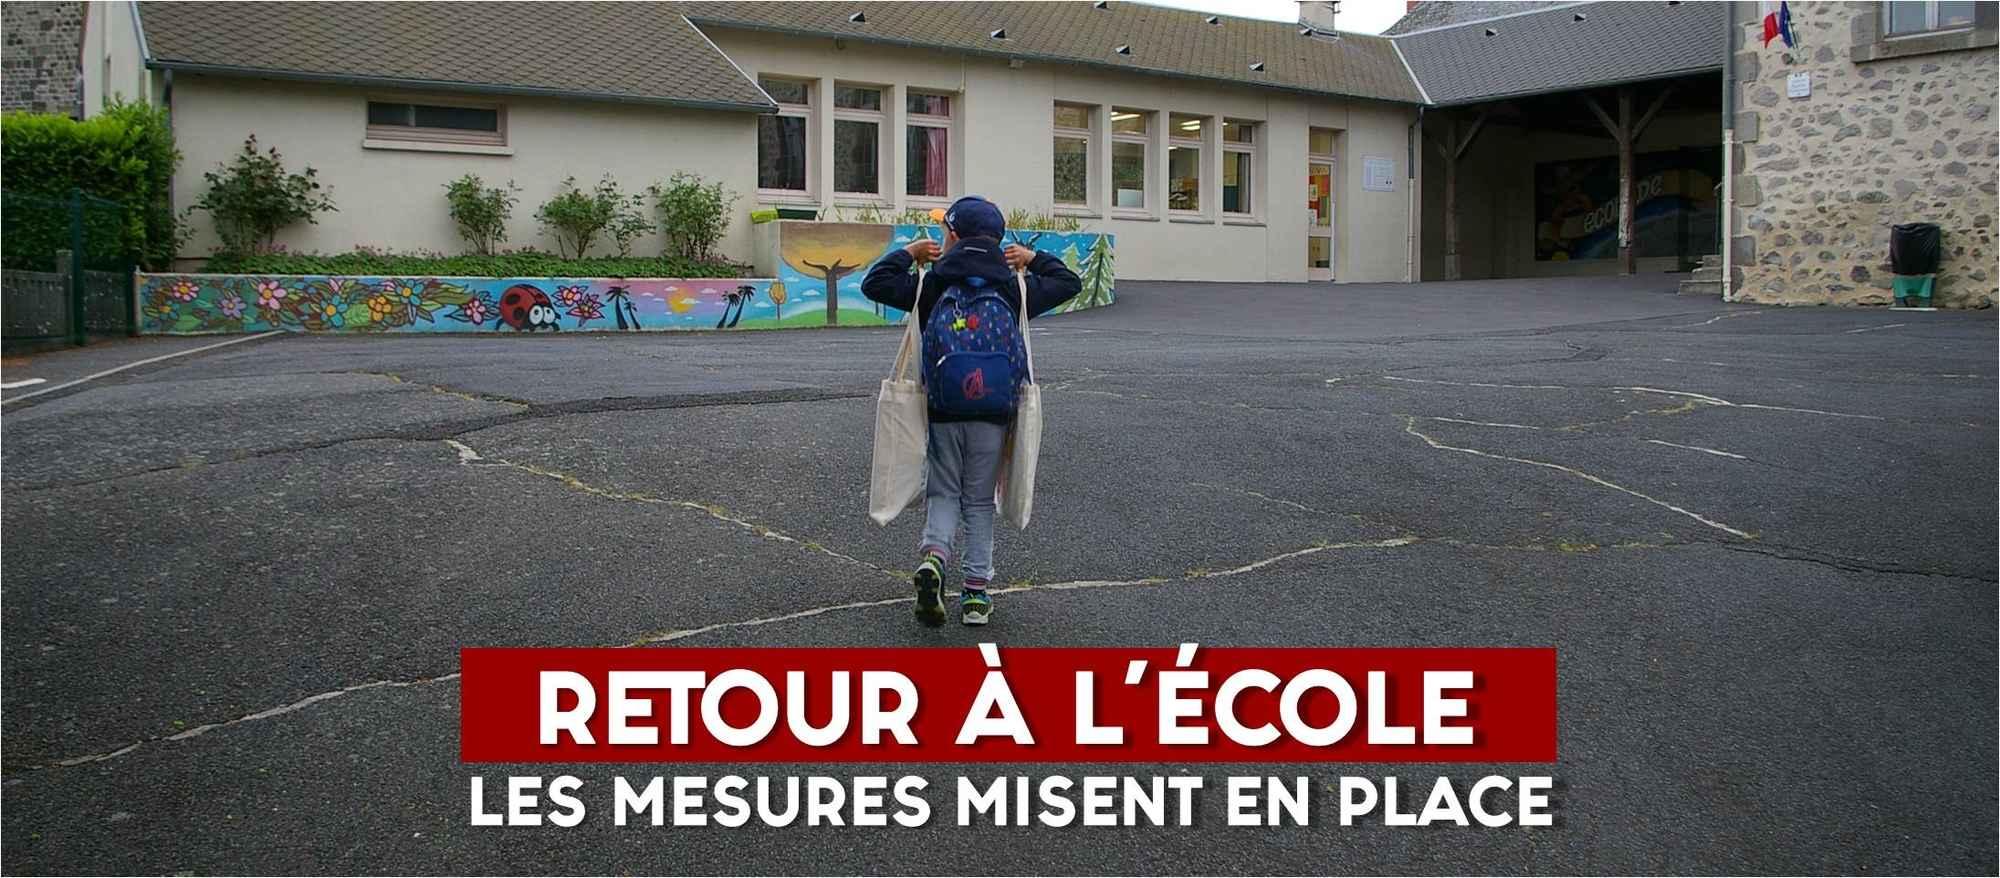 ACTU retour à l'école